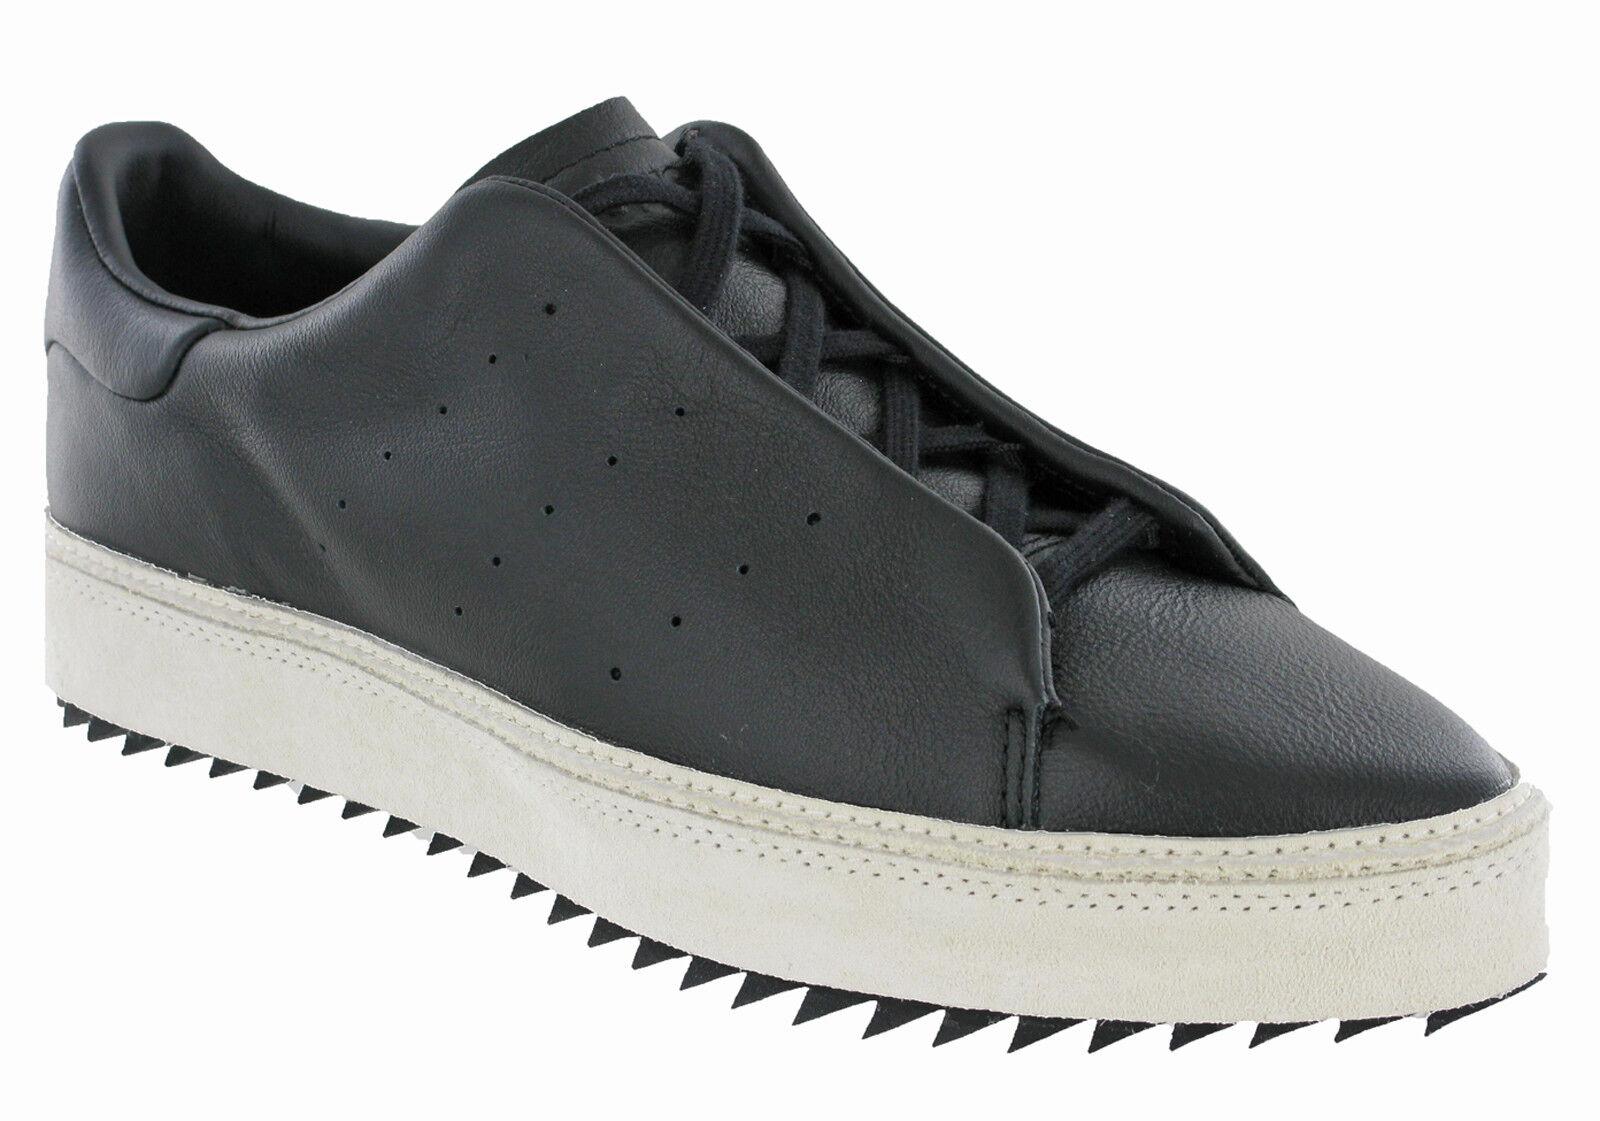 Details about Adidas Punkt Court Damen Plateau/Plateau Schuhe S81475  Schwarze Turnschuhe UK